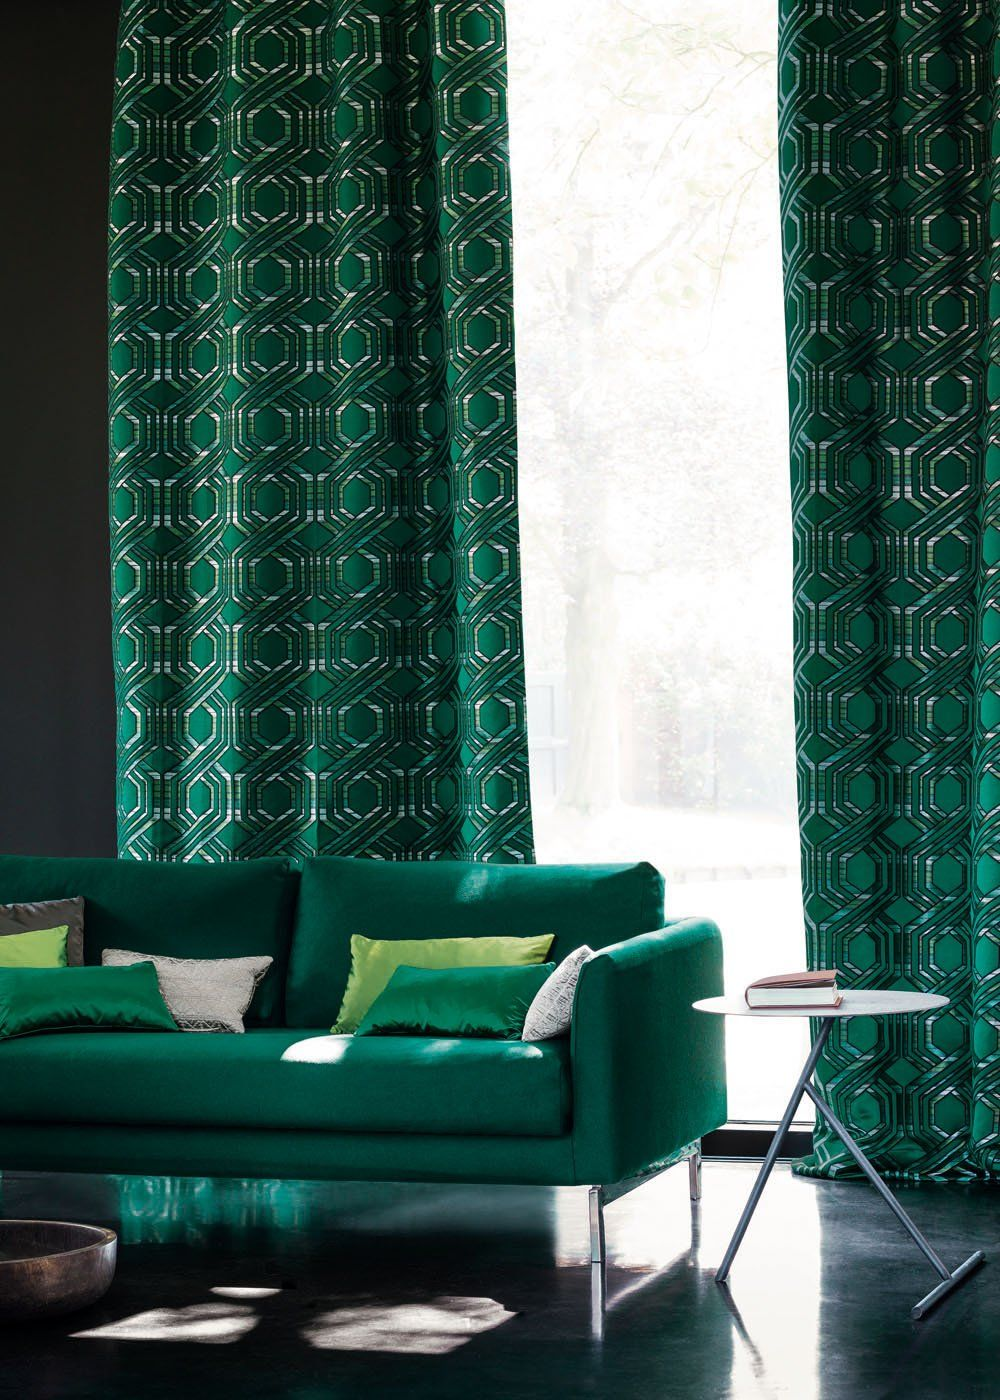 rideau design les derni res nouveaut s pour habiller ses fen tres avec l gance rideaux. Black Bedroom Furniture Sets. Home Design Ideas